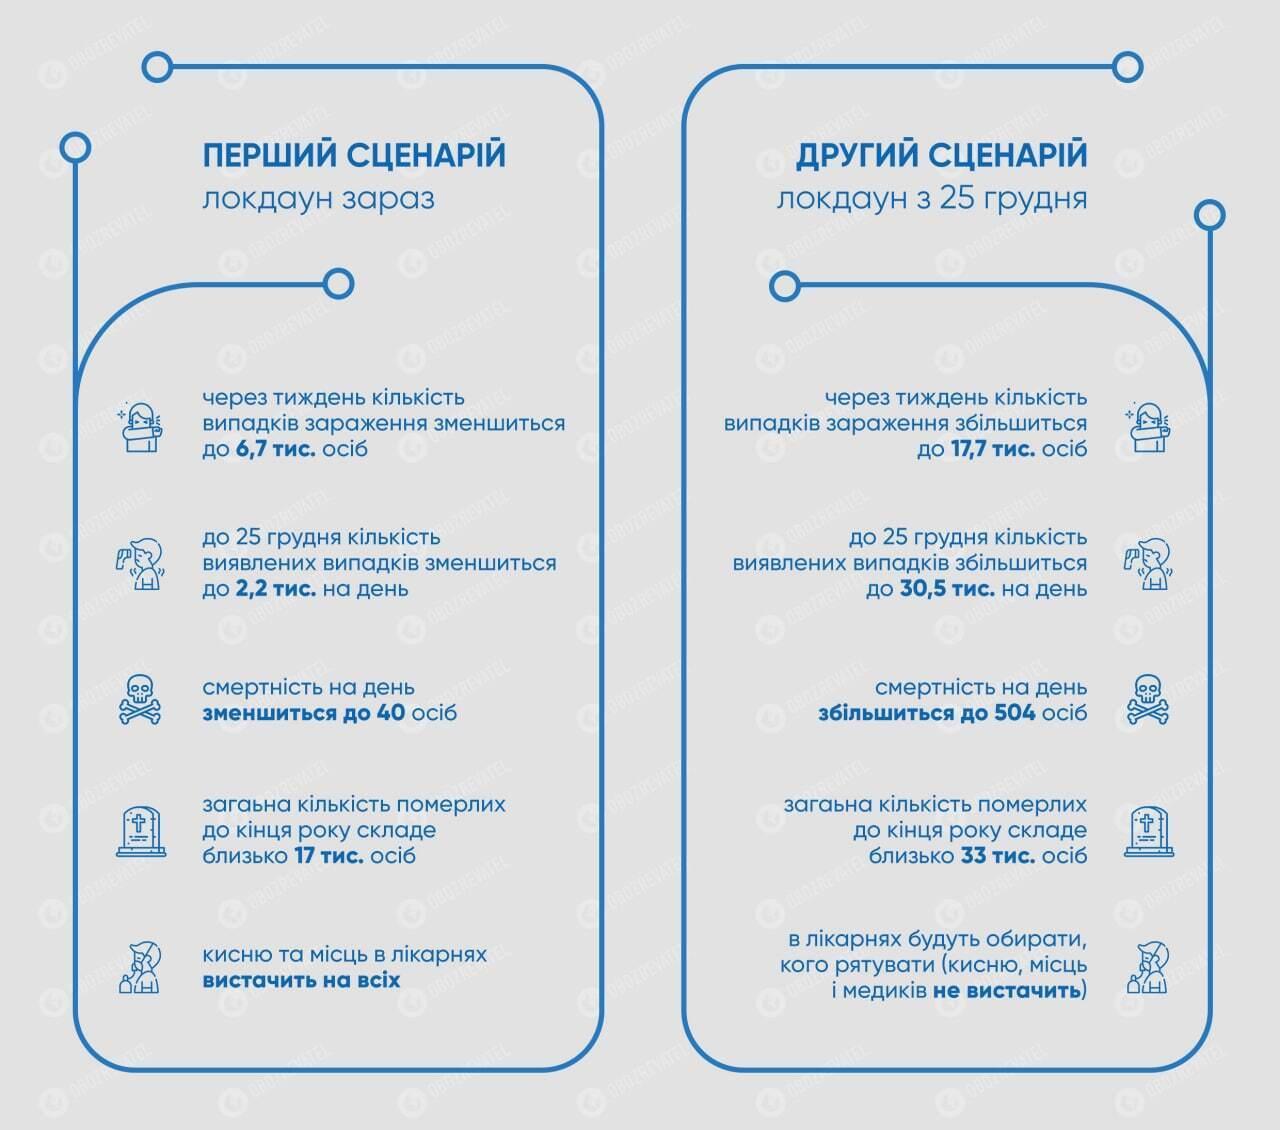 Повний локдаун в Україні вводять із 25 грудня, можуть померти ще 16 тис. осіб